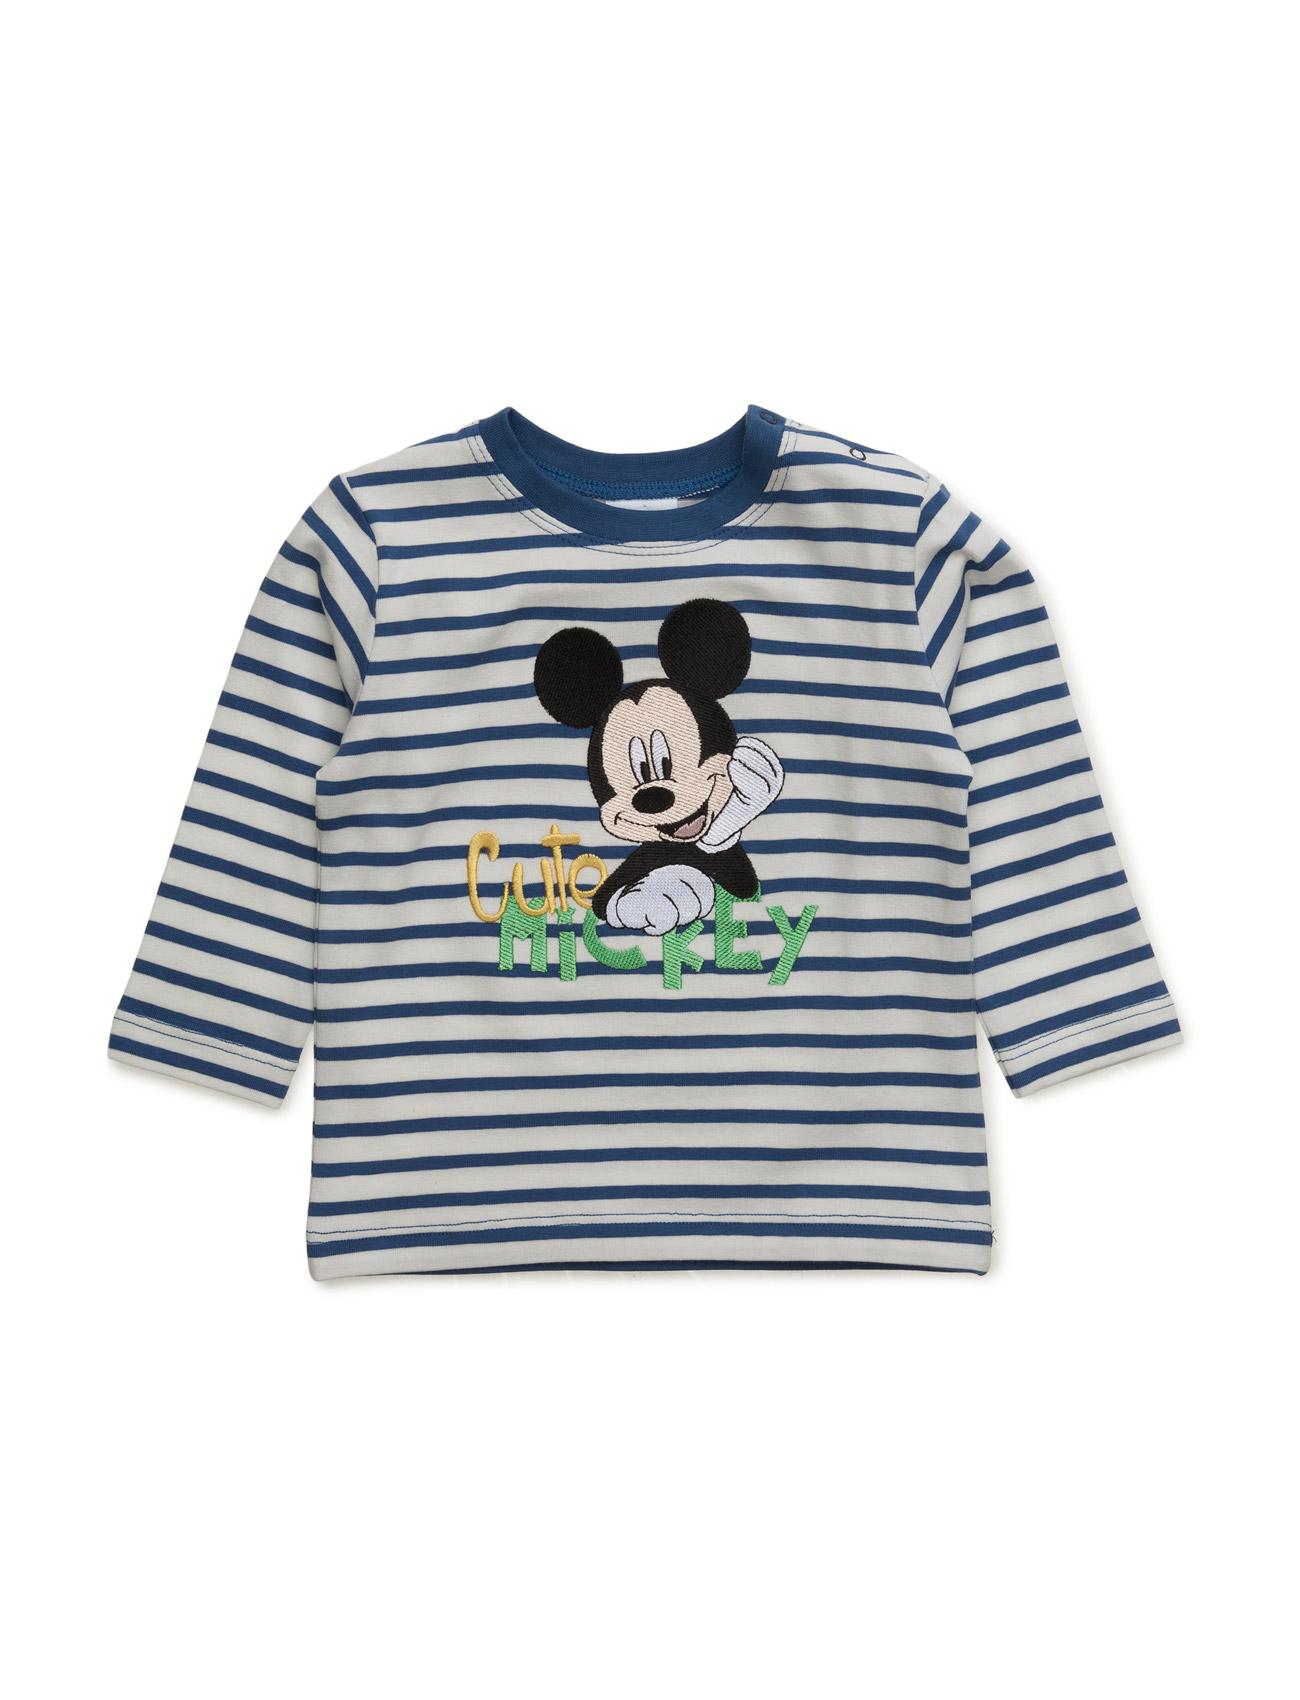 Shirt Disney Langærmede t-shirts til Børn i